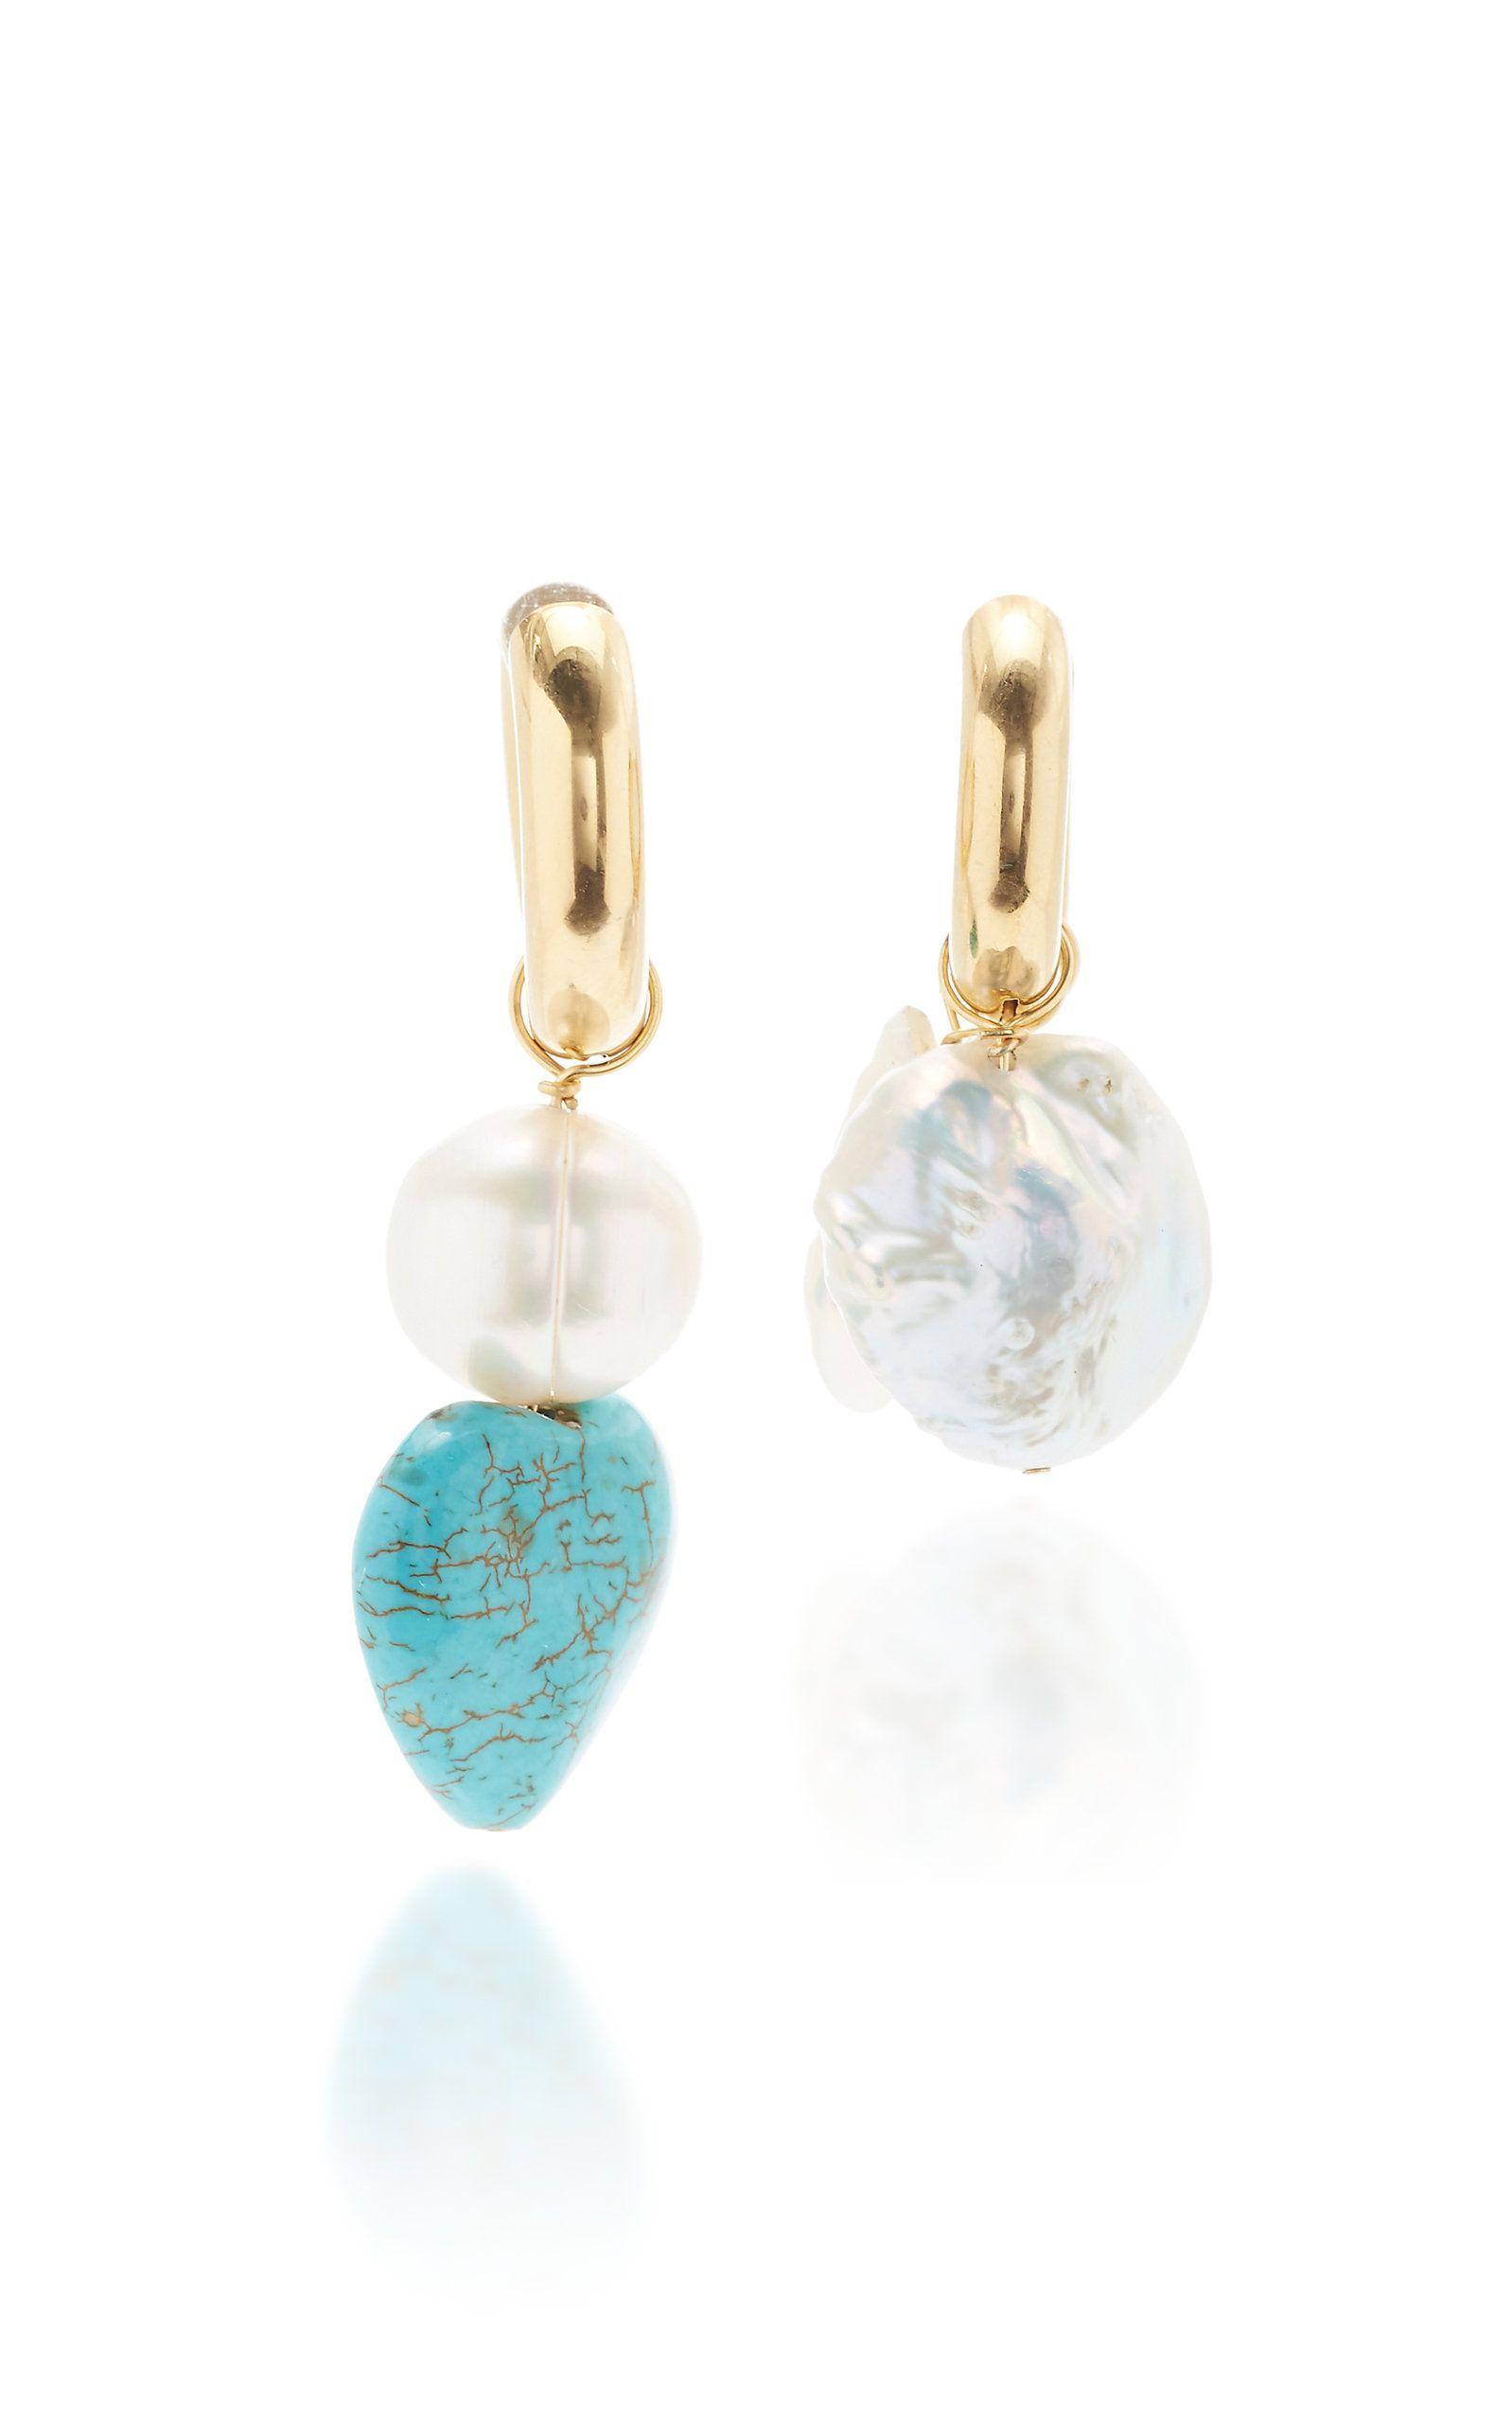 New Turquoise Bead Gemstone Bracelet Earrings Stud Beaded Fashion BOHO Design UK